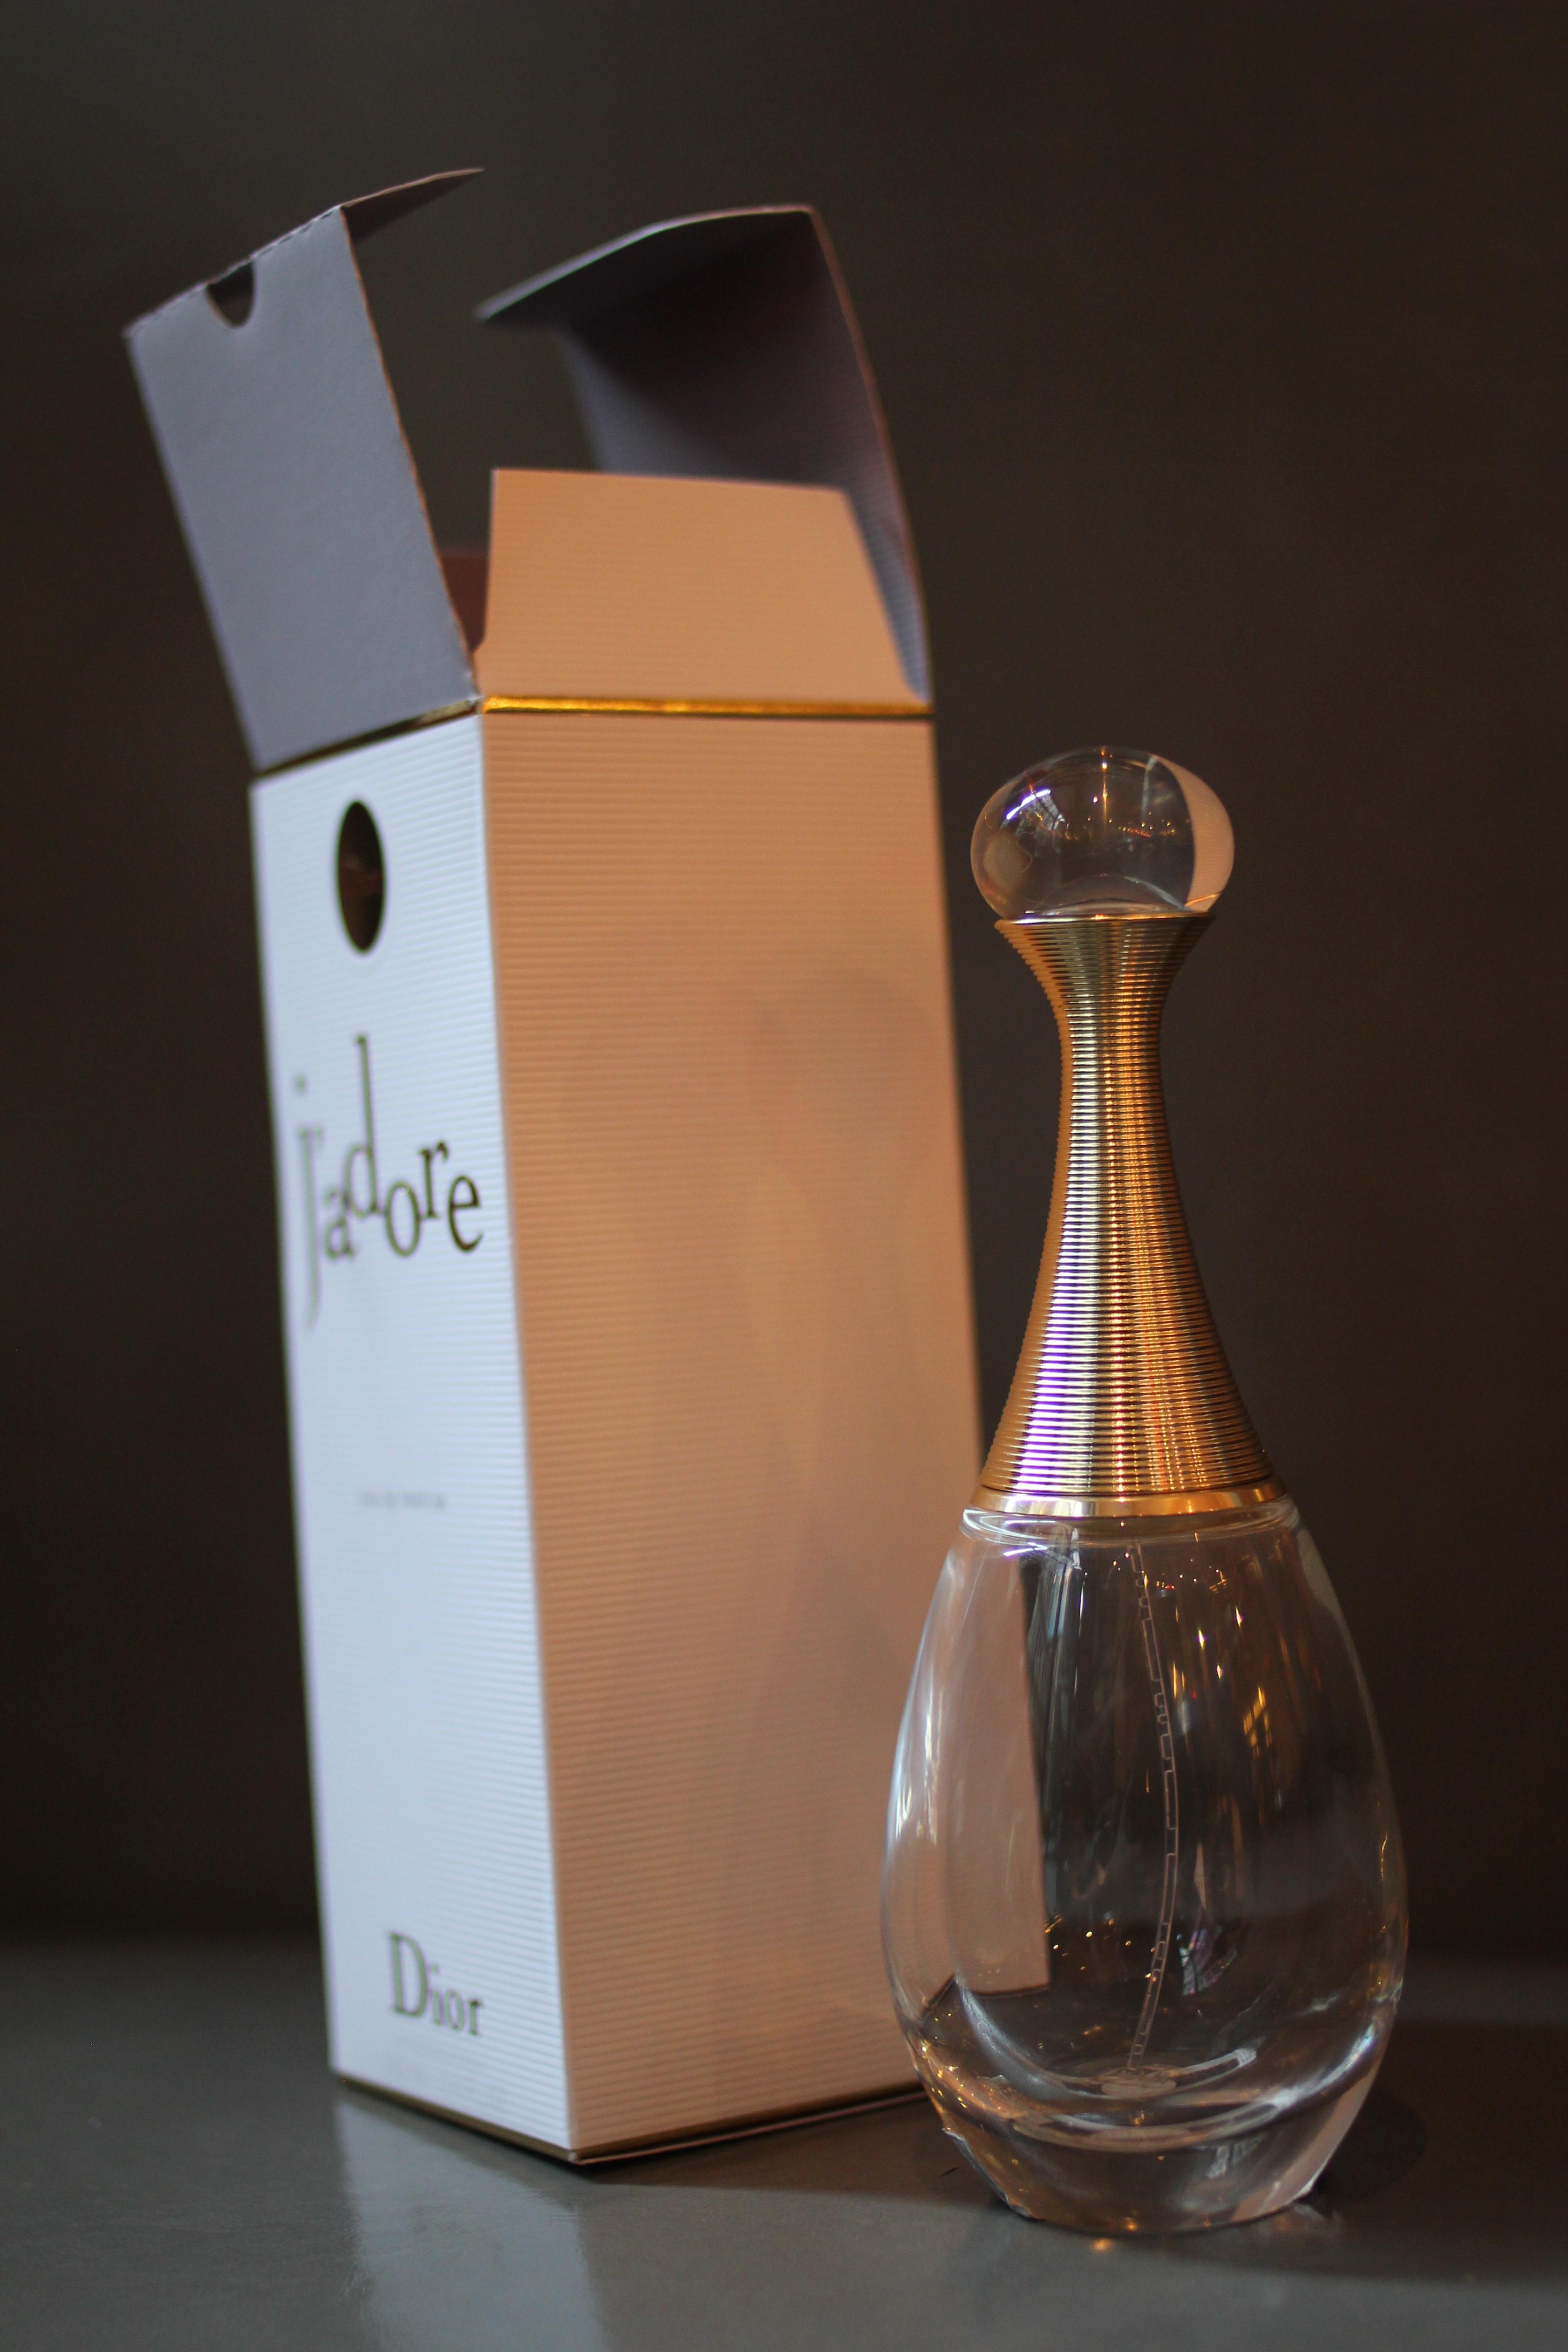 Jadore by Dior: la fregatura della boccetta vuota da Sephora!